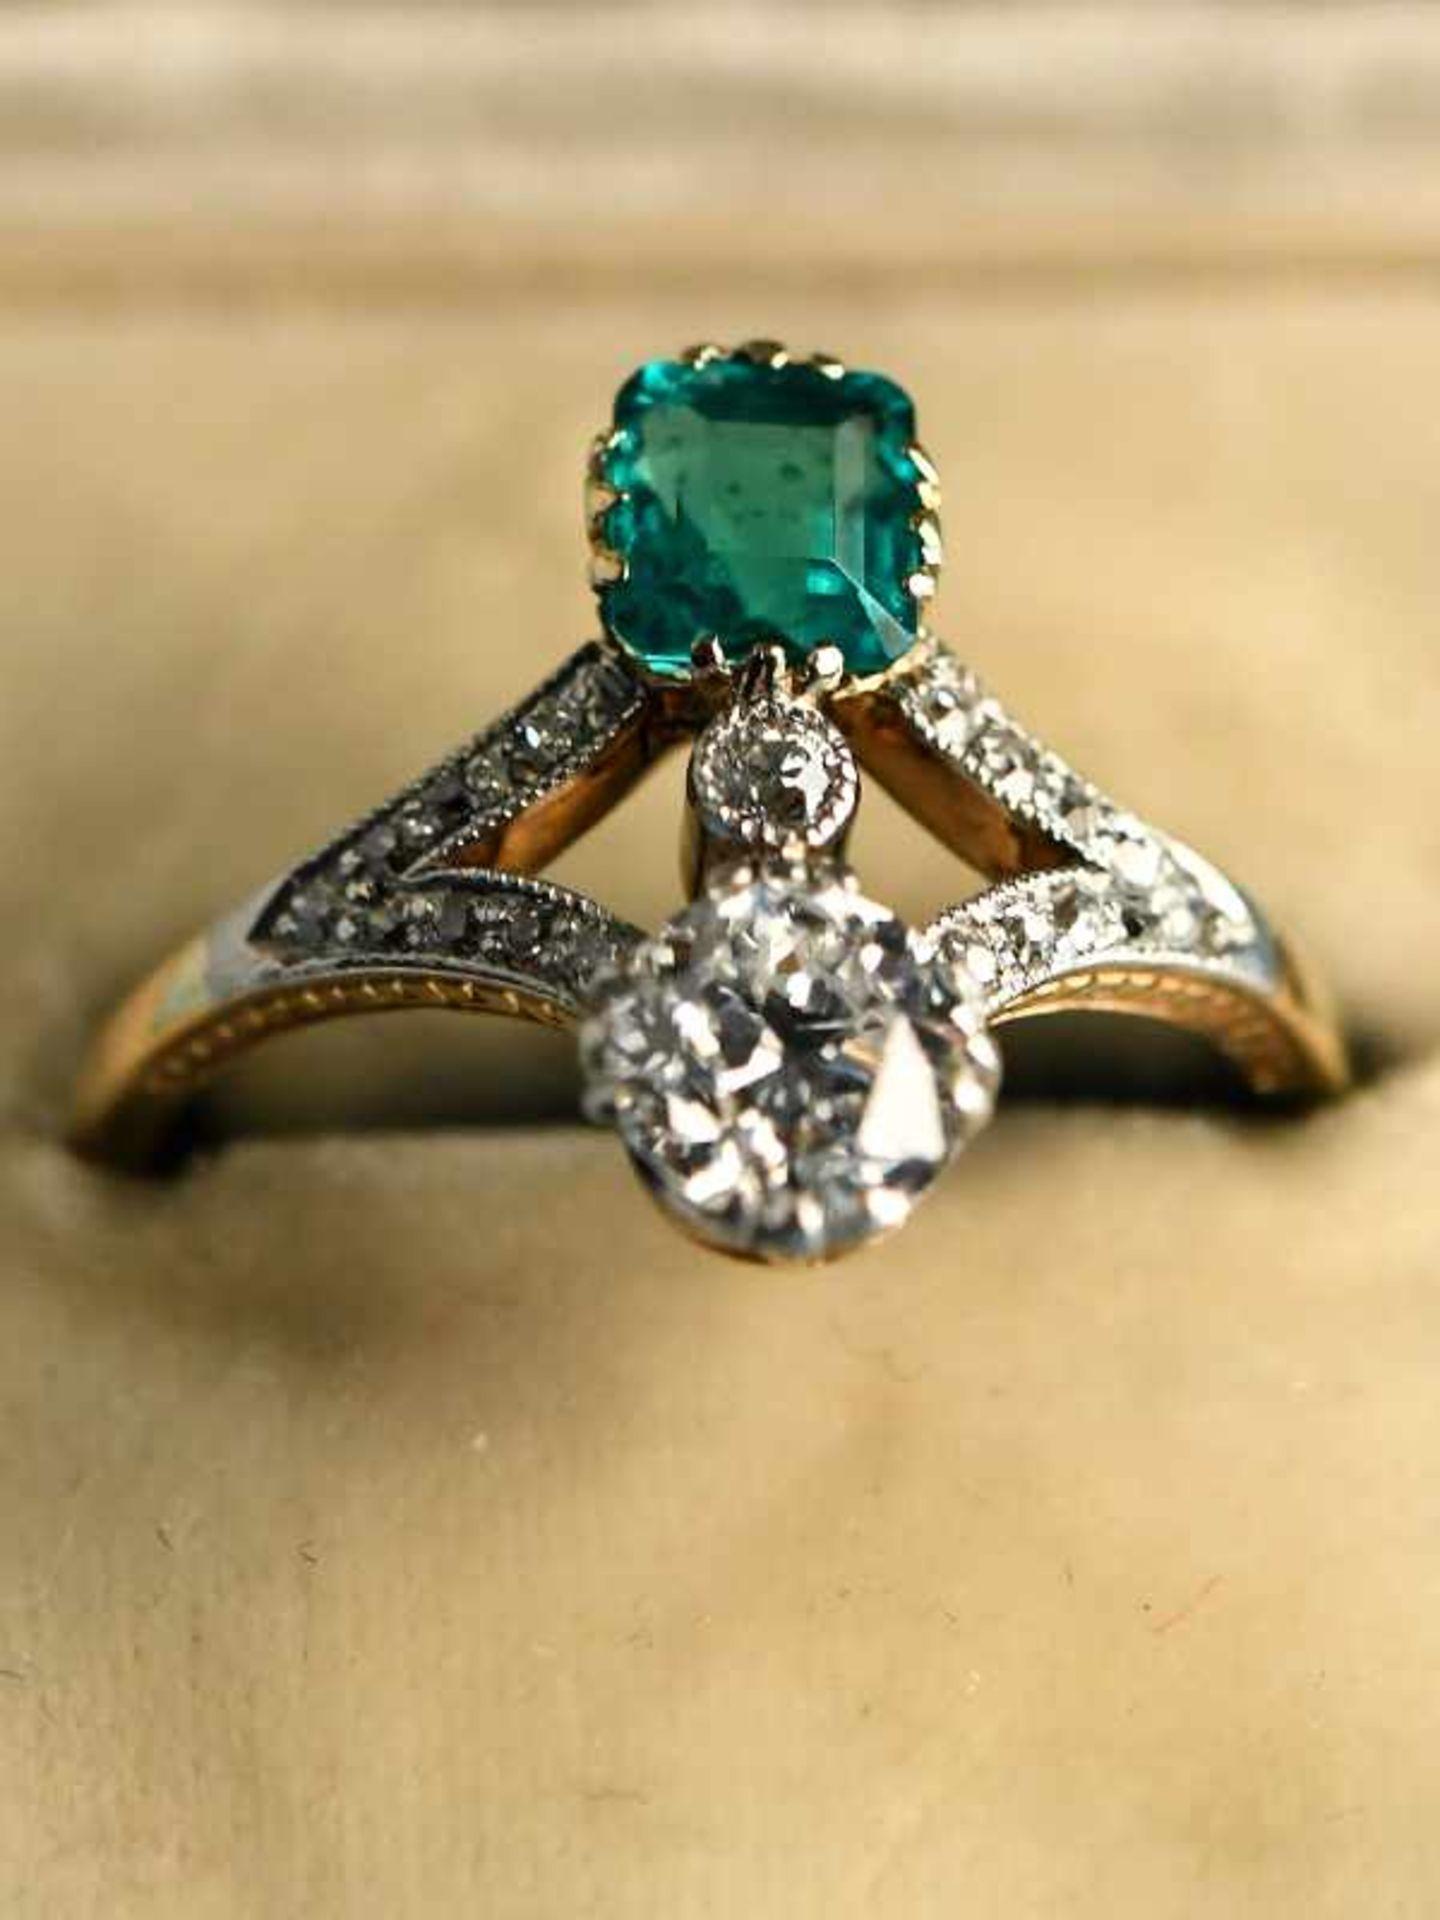 Hochwertiger Art Deco Ring mit Smaragd ca. 0,6 ct, Altschliff-Diamant ca. 0,65 ct und 19 kleinen - Bild 2 aus 9